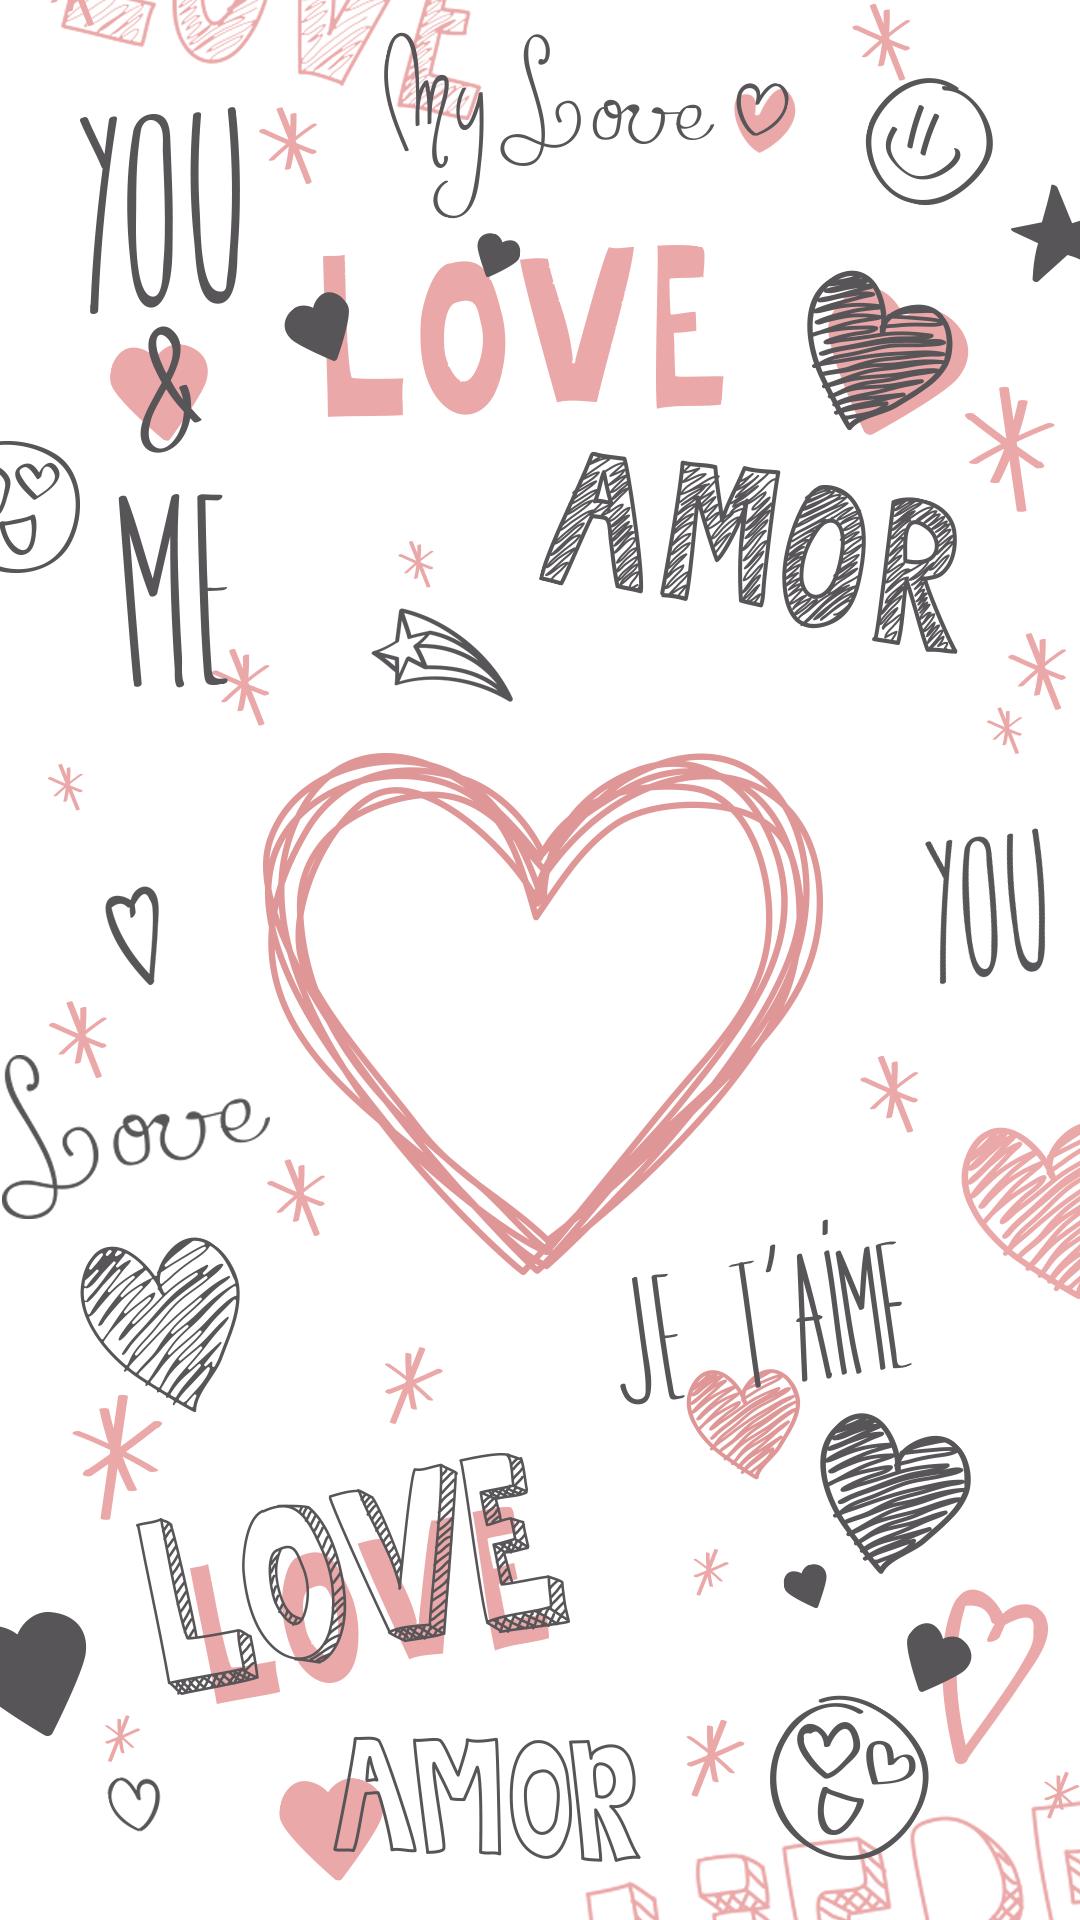 Wallpaper Dia Dos Namorados 2 by Gocase, coração, hearts, rosa, notebook, je t'aime, love, you&me, my love, amor, loving, valentines, namorados, beijo, casal, couple, dia dos namorados, valentines day, romântico, paixão, rosa, cute, girly, wallpaper, papel de parede, fundo de tela, background, estrela, stars, corações, #wallpaper, #fundodetela, #background, #corações, #coração, #love, #namorados